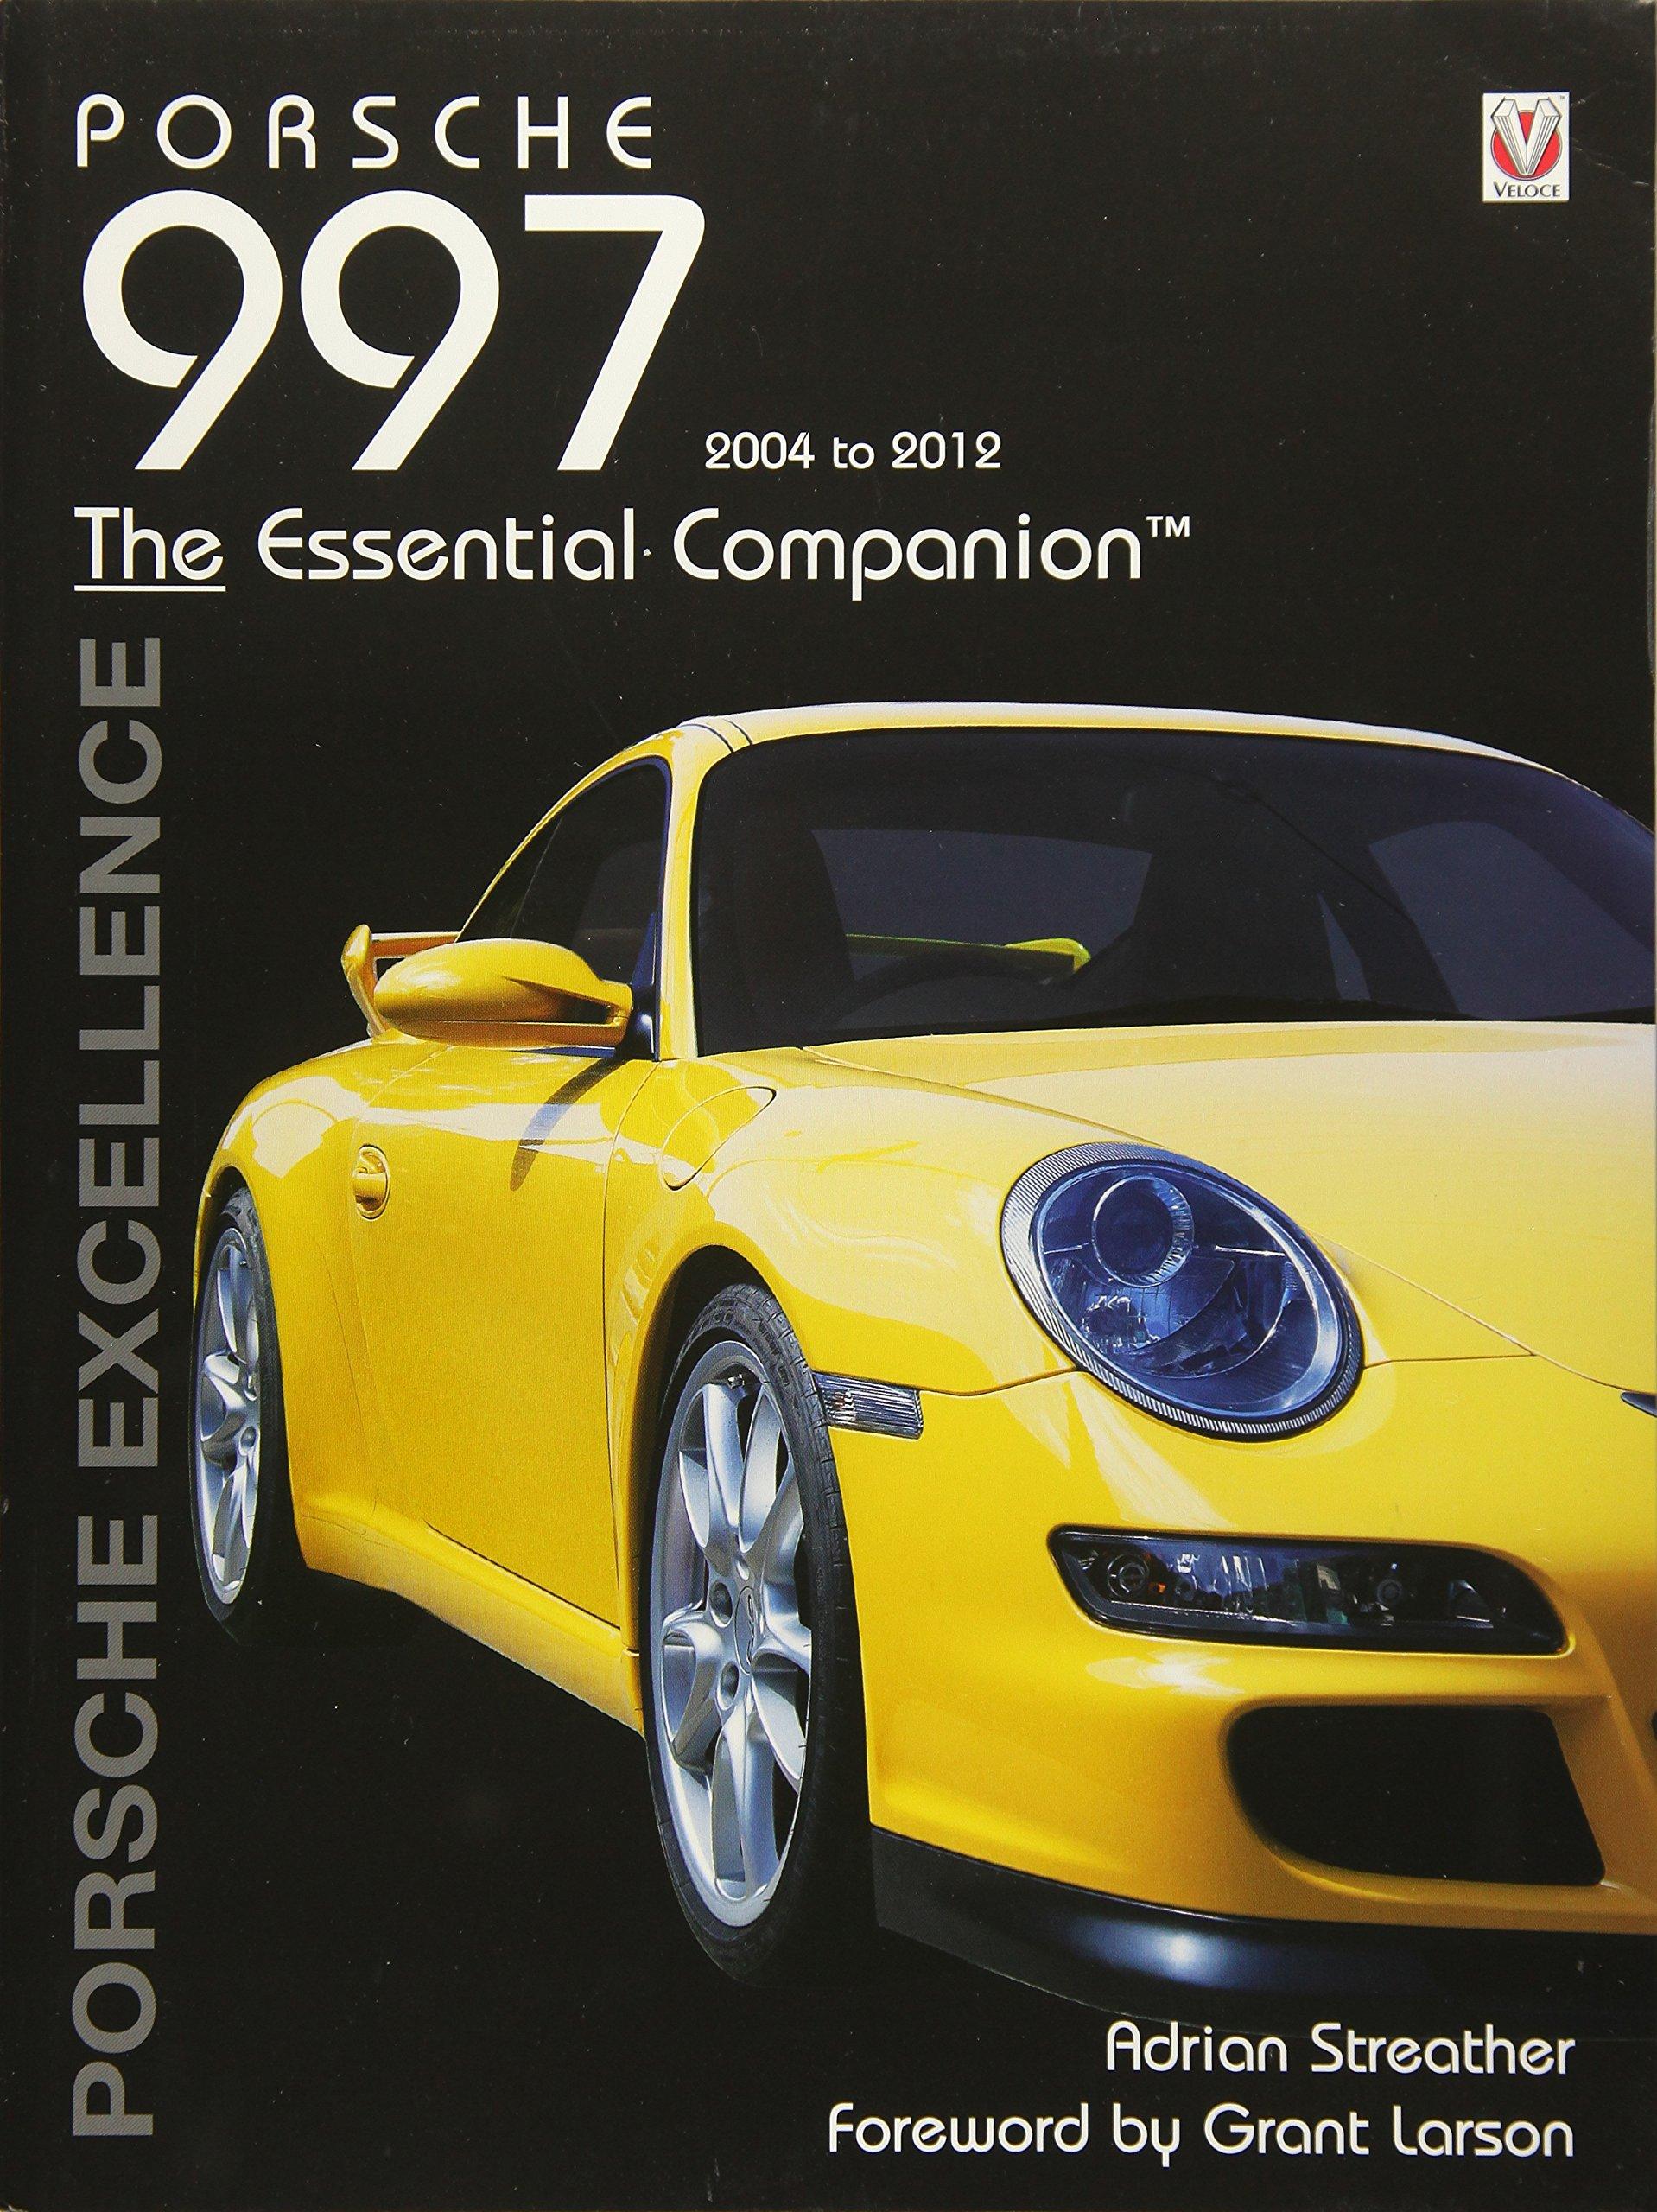 Porsche 997 2004 - 2012 - Porsche Excellence Essential Companions: Amazon.es: Adrian Streather: Libros en idiomas extranjeros